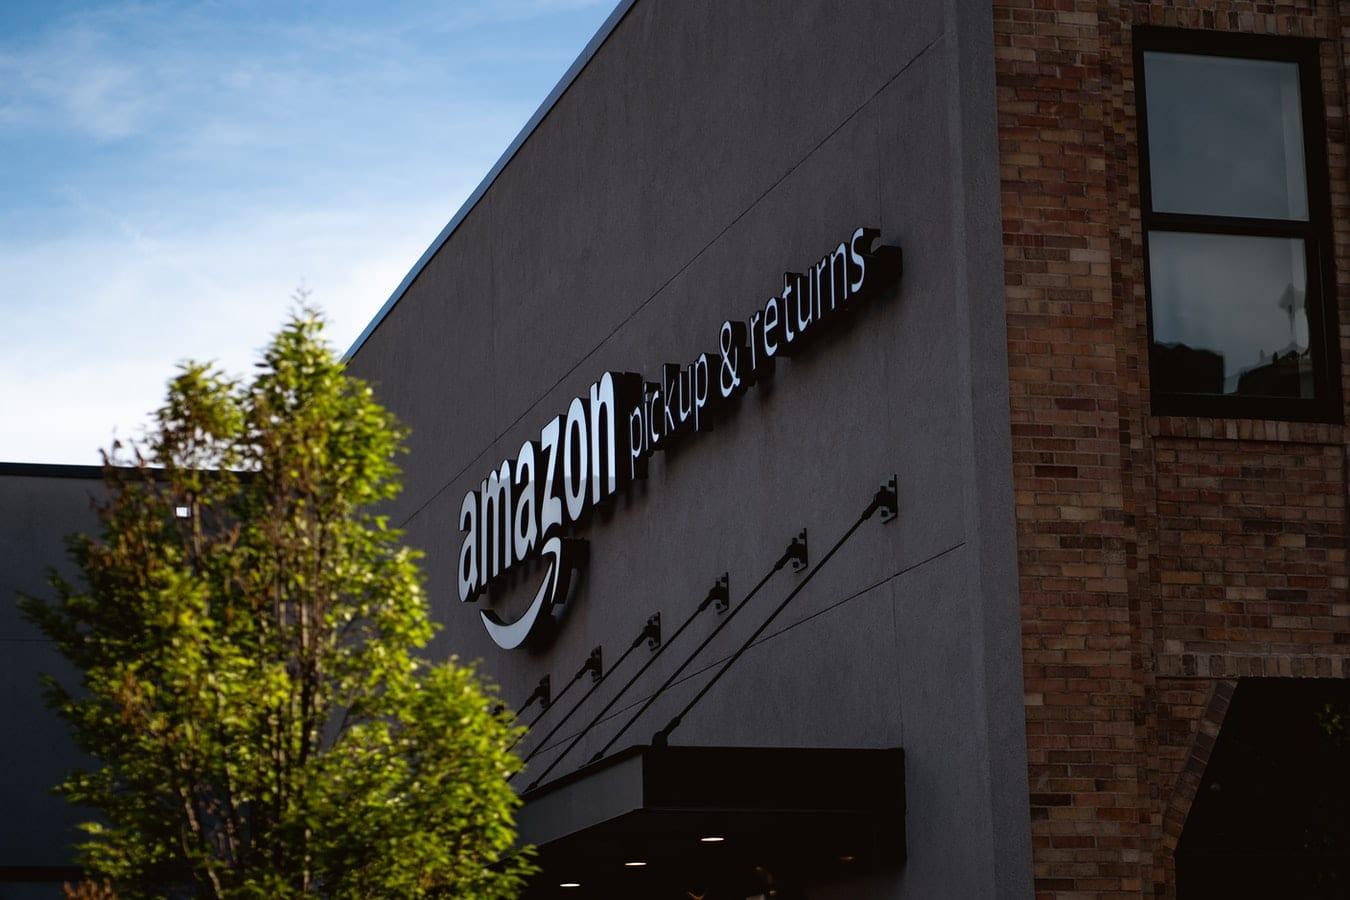 Instale las herramientas de seguimiento de precios de Amazon en macOS